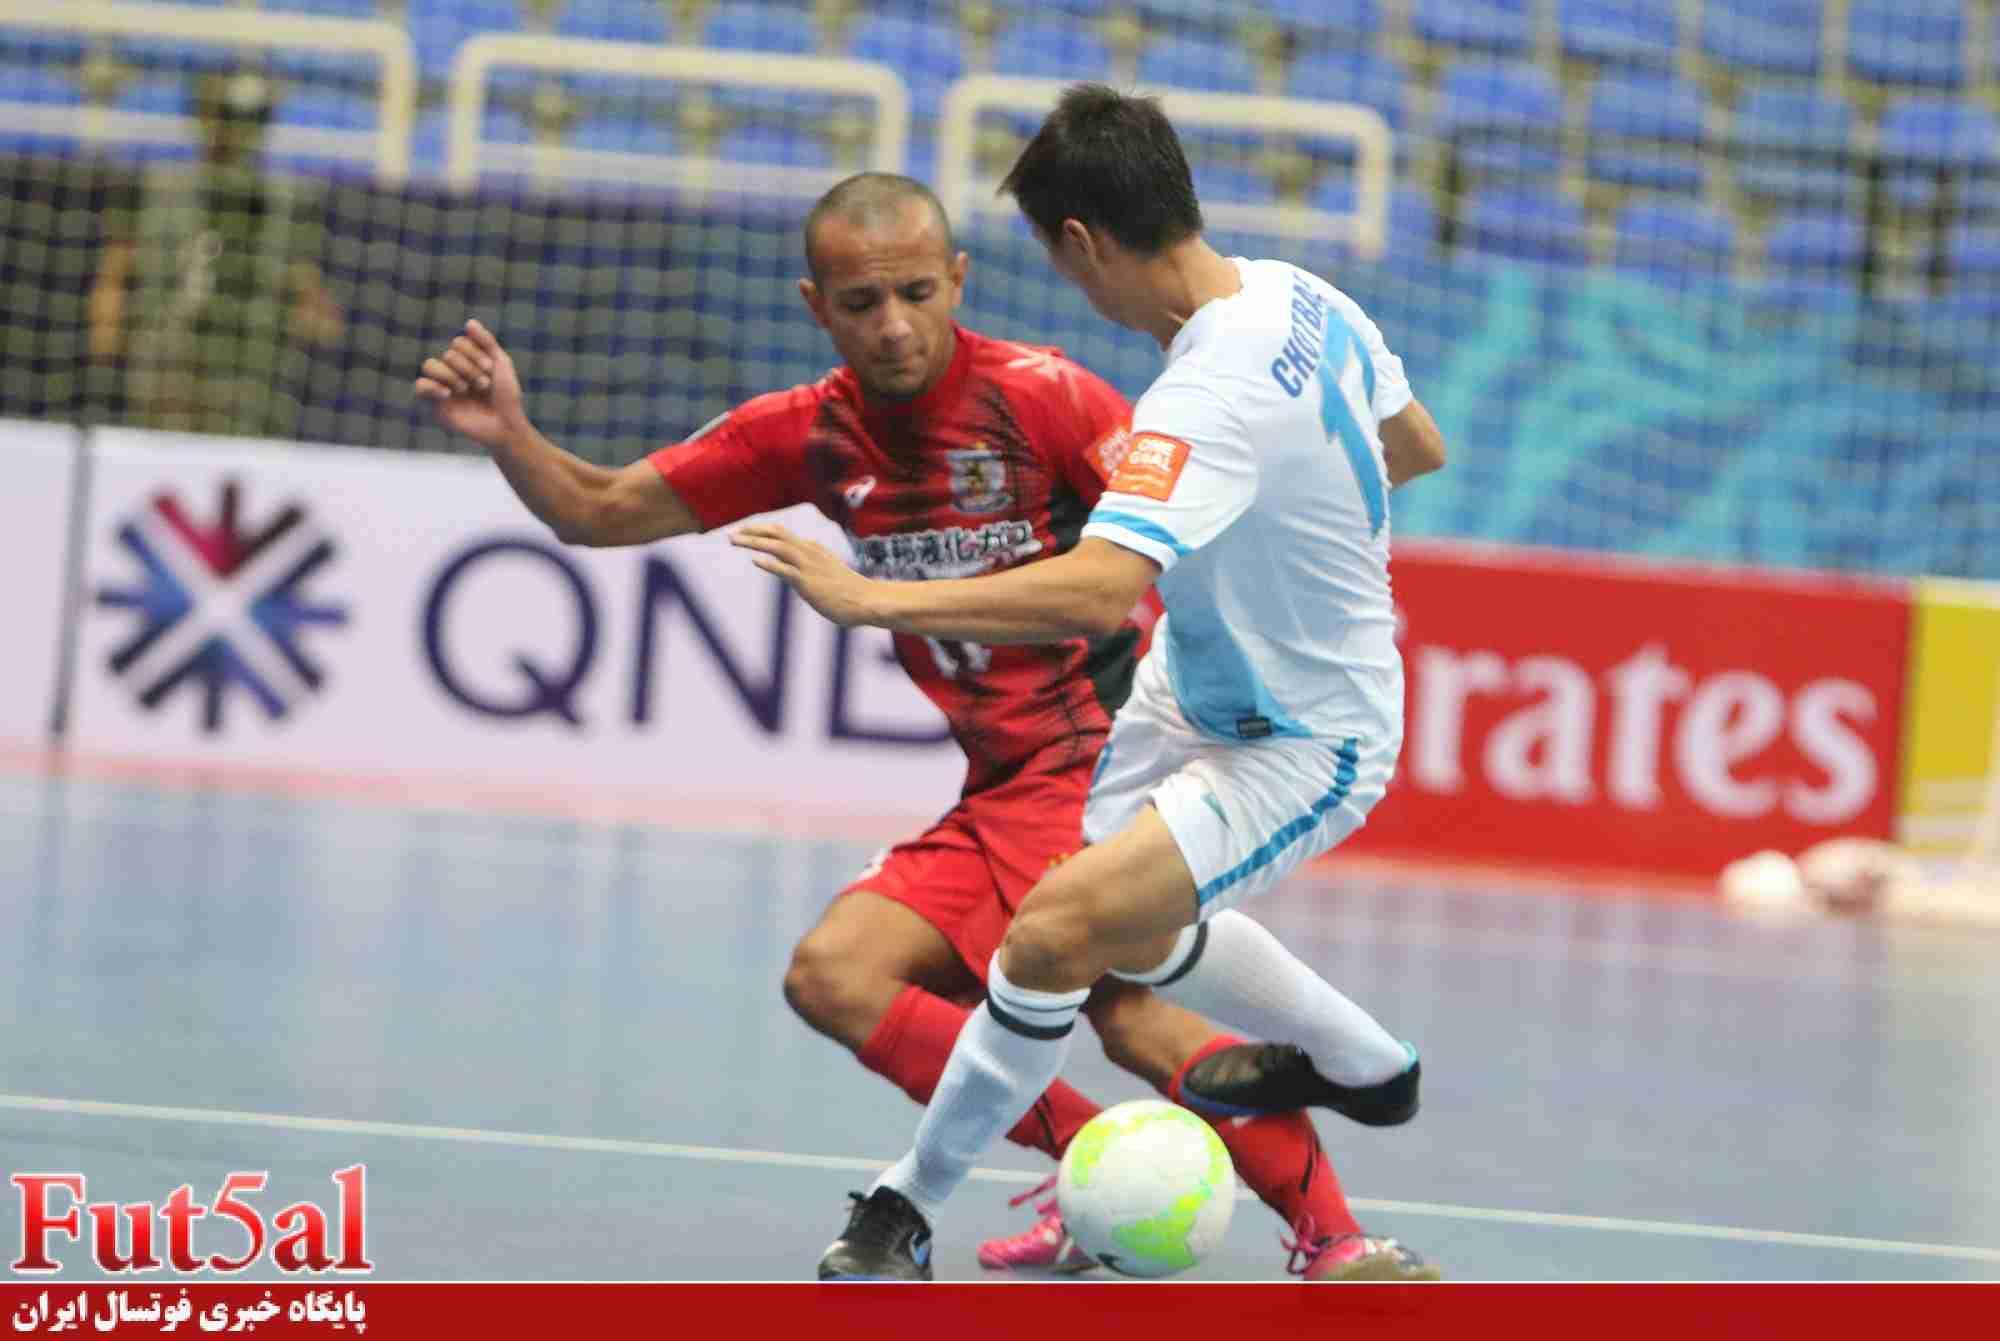 ویدئو بازی یازدهم جام/ناگویا ژاپن ۲ – ام اف سی امجک قرقیزستان۲/تساوی ناباورانه مدافع عنوان قهرمانی